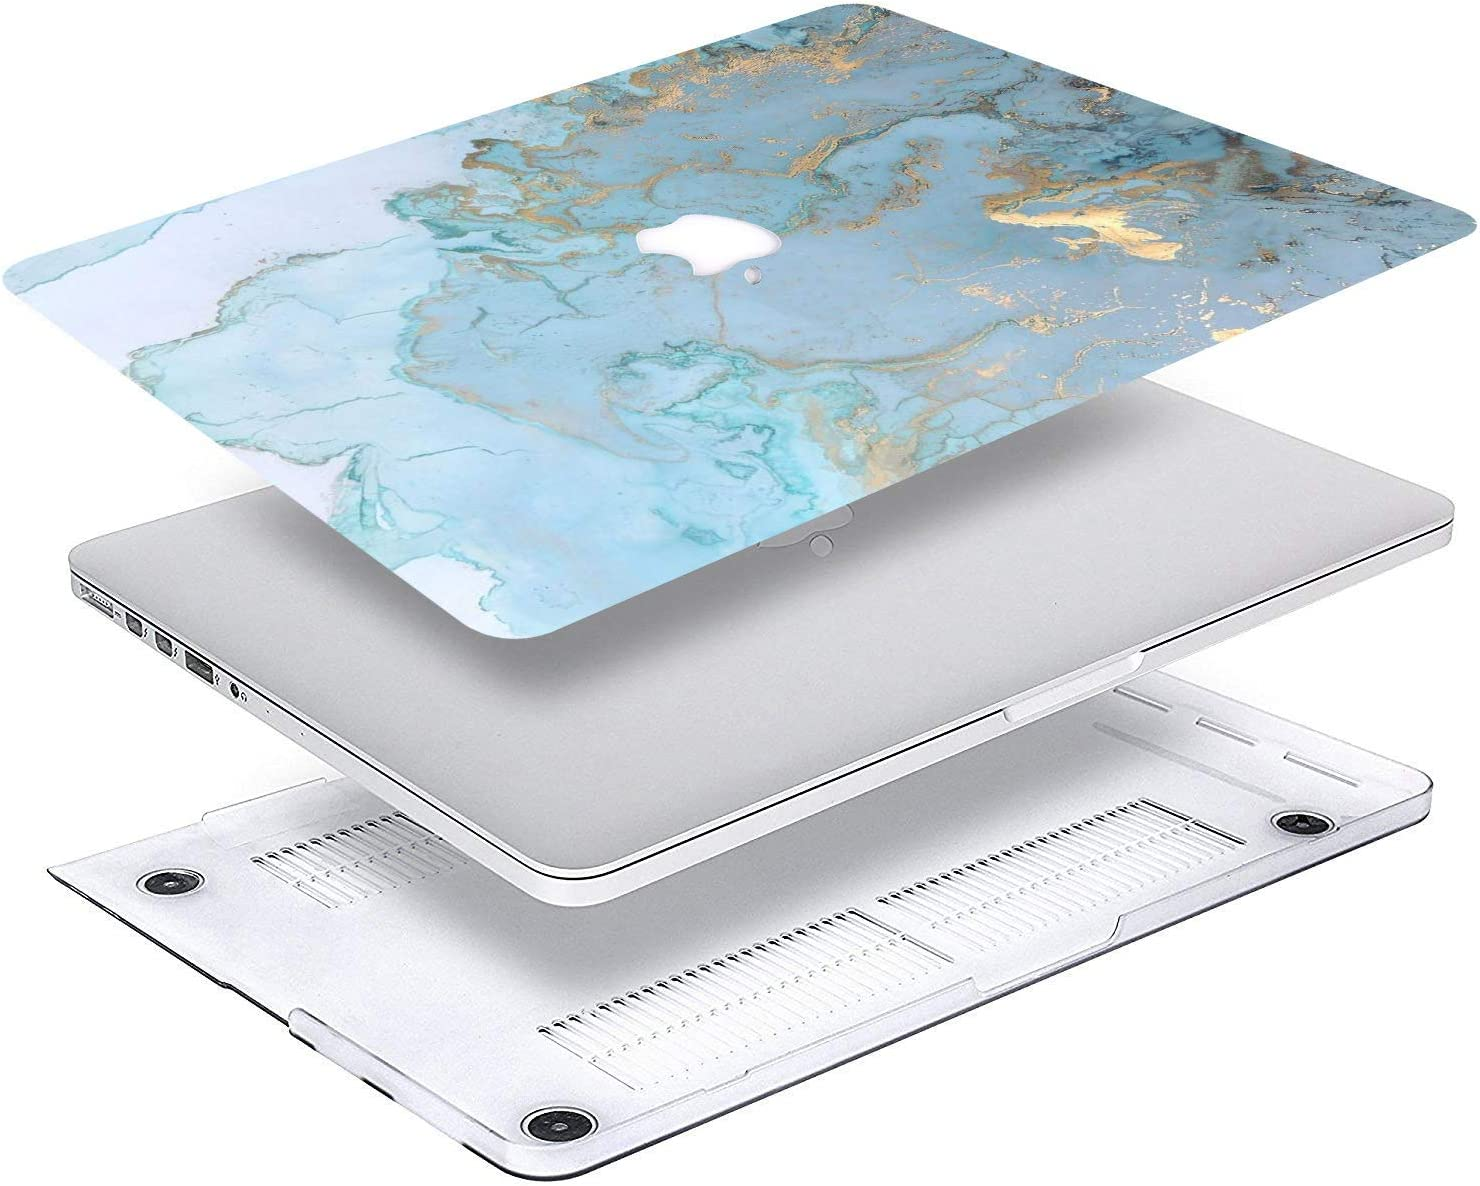 Bleu marbre. A1369//A1466 AQYLQ Coque rigide en plastique mat pour ordinateur portable Apple MacBook Air 13/po//13,3/po Mod/èle A1466 // A1369 751 Fleur violette Macbook Air 13 DL 41